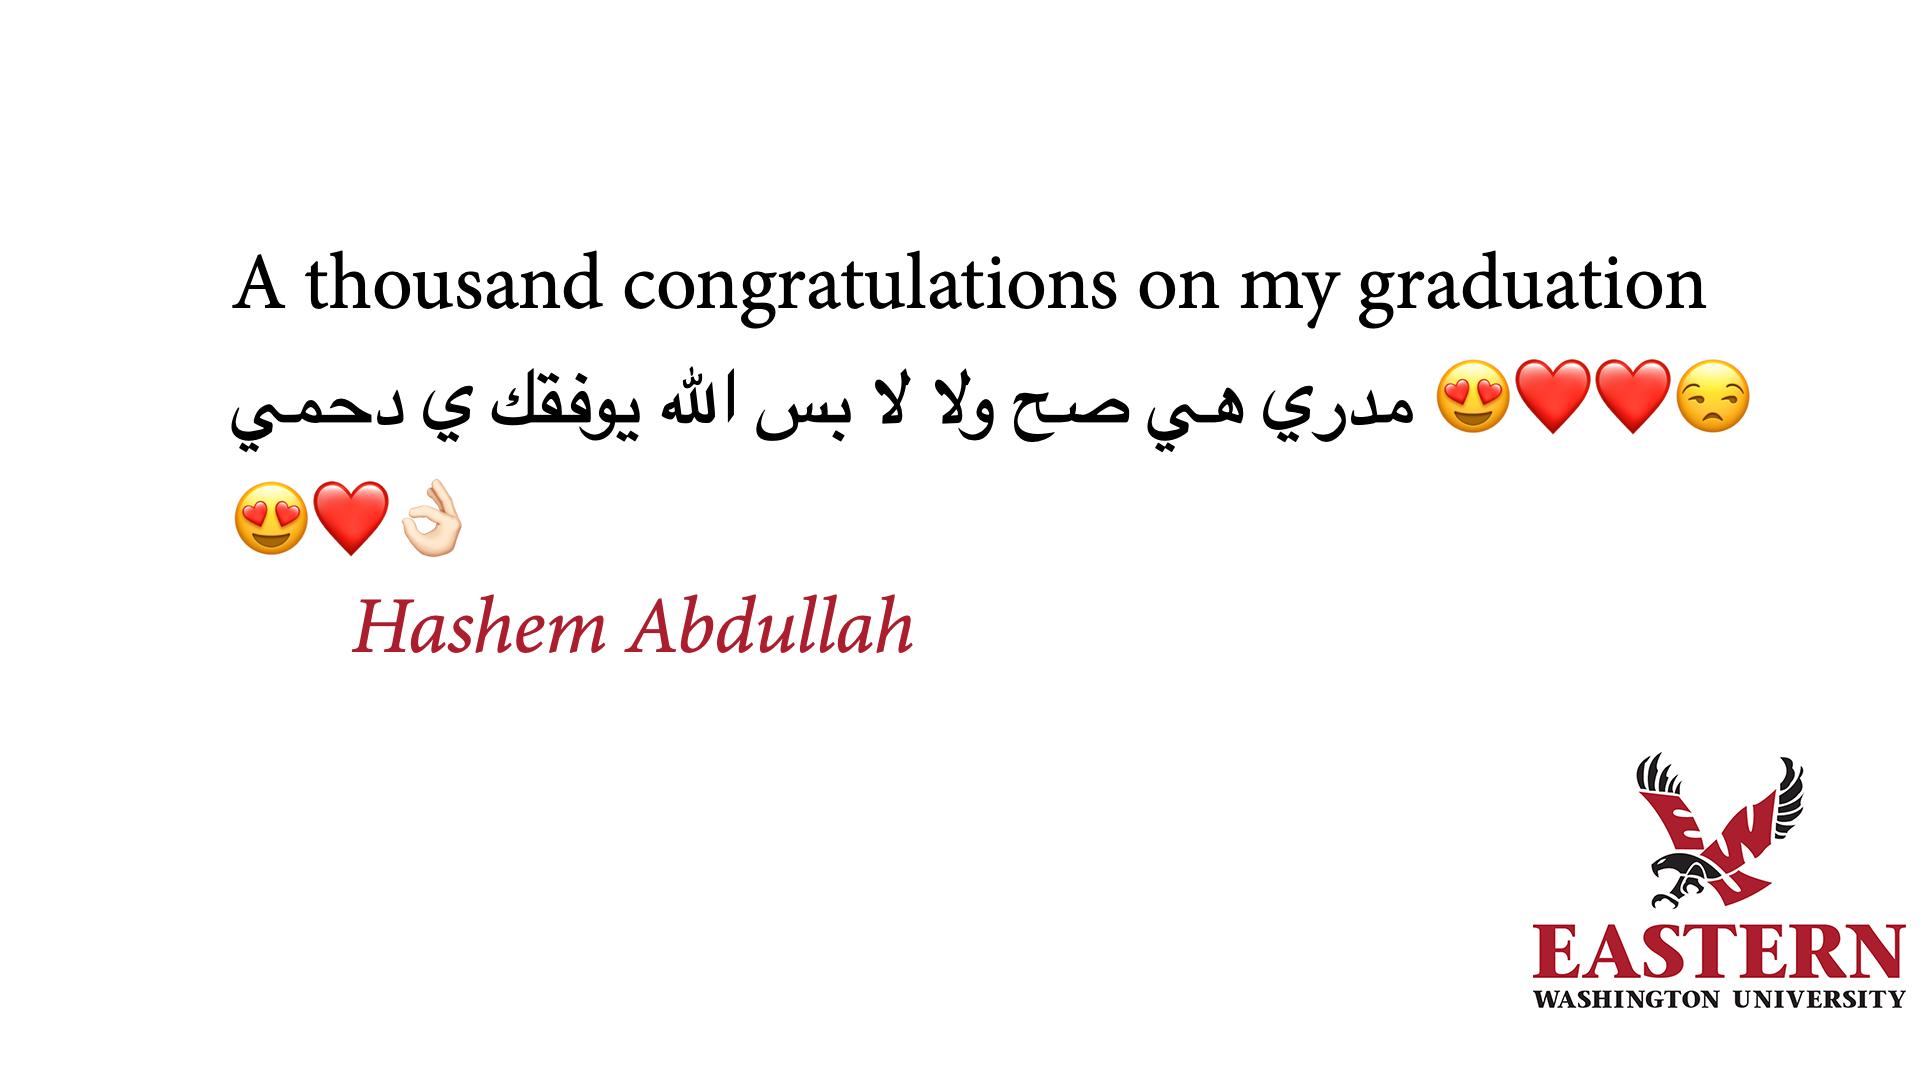 tbi_abdulrahman-abdullah-a_2432.png